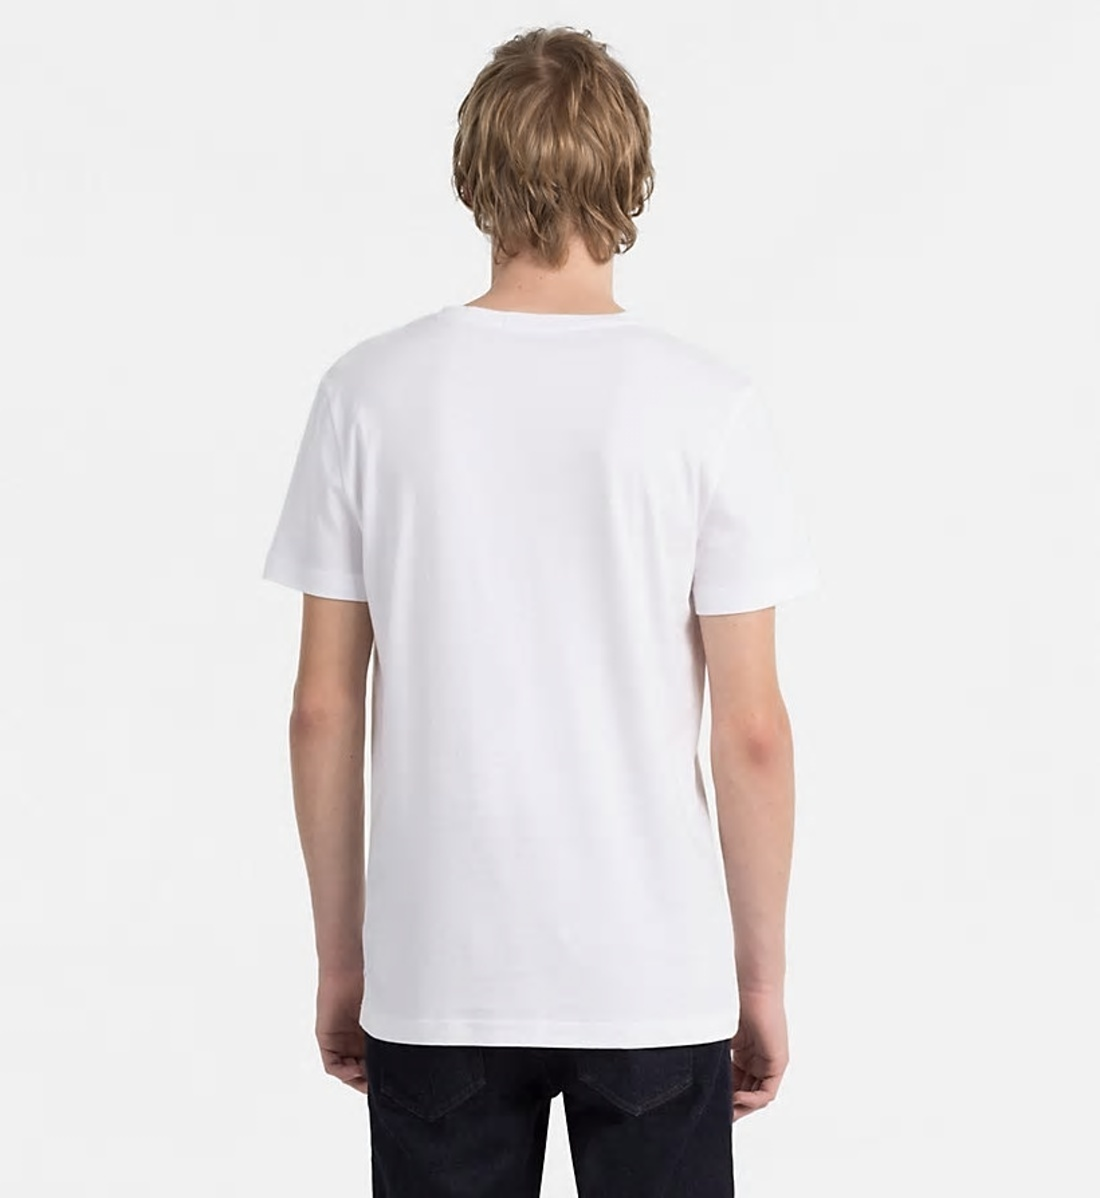 Calvin Klein pánské bílé tričko Typoko - Mode.cz 2fca48b632